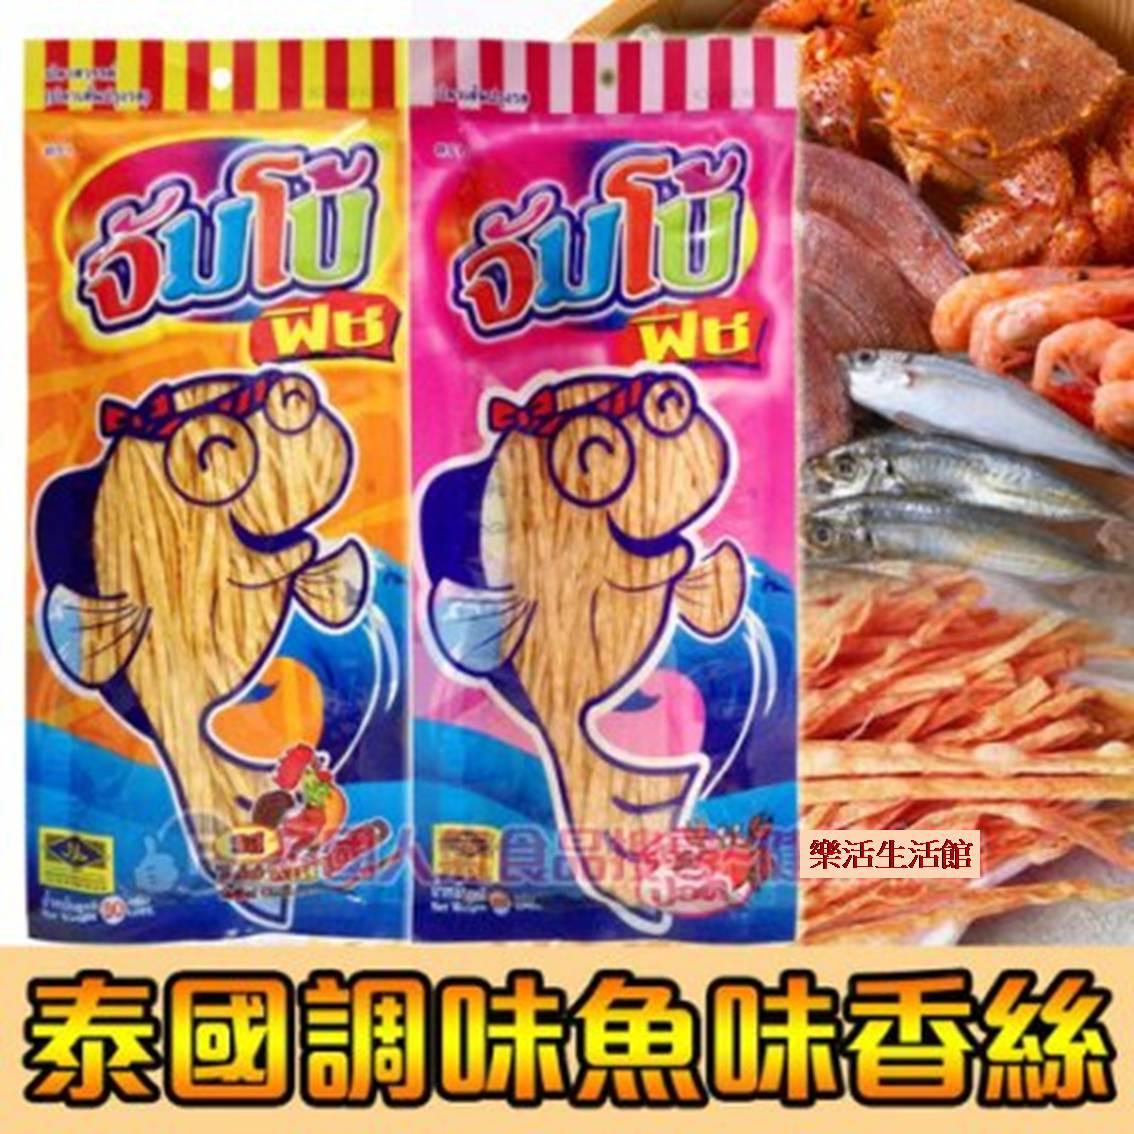 泰國調味魚味香絲(泰國鱈魚香絲)【樂活生活館】